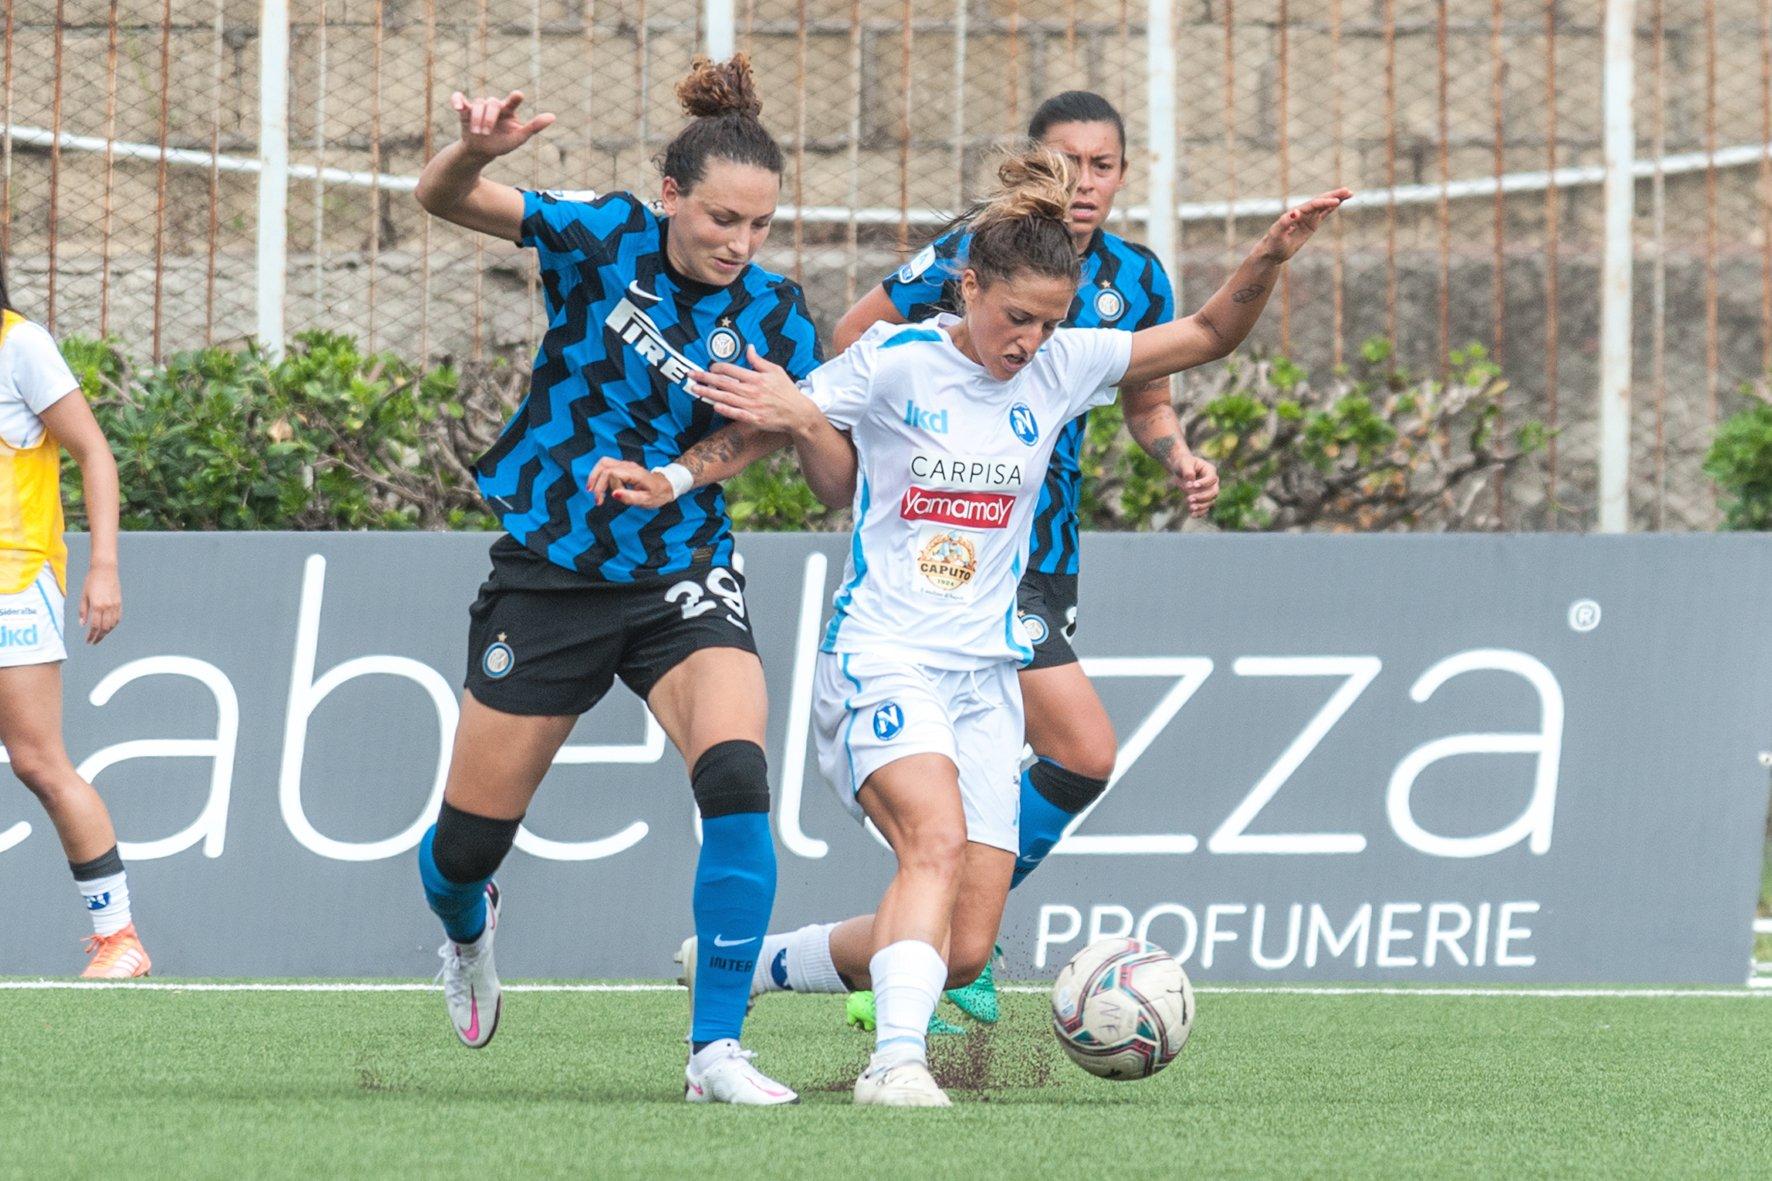 Calcio. Primo punto per il Napoli Femminile dopo tre sconfitte